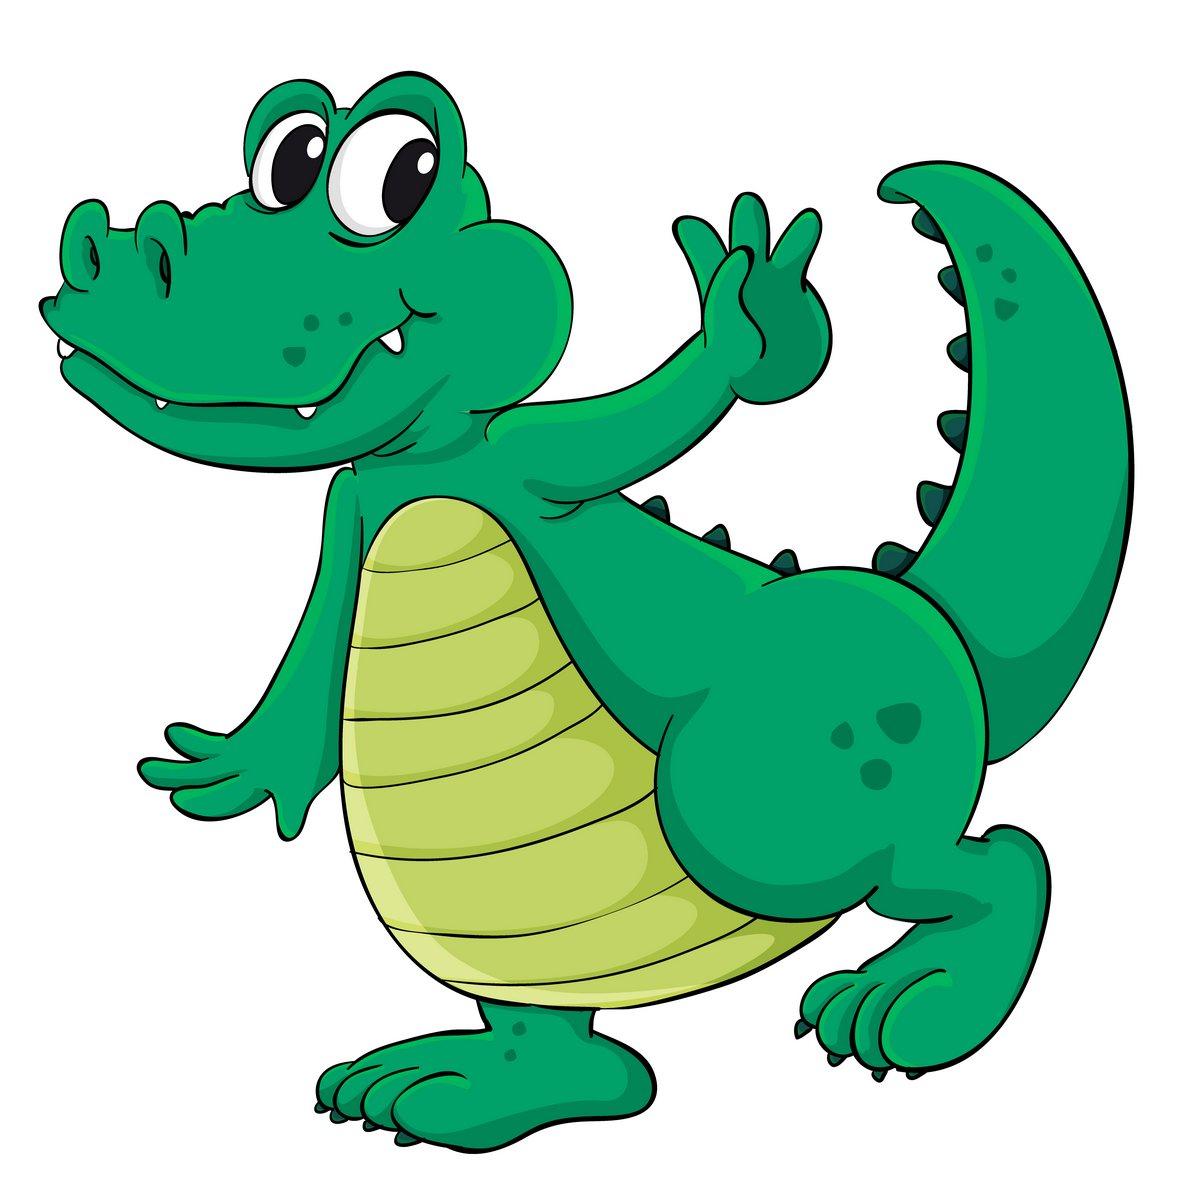 Постер Разные детские постеры Мультфильм крокодилаРазные детские постеры<br>Постер на холсте или бумаге. Любого нужного вам размера. В раме или без. Подвес в комплекте. Трехслойная надежная упаковка. Доставим в любую точку России. Вам осталось только повесить картину на стену!<br>